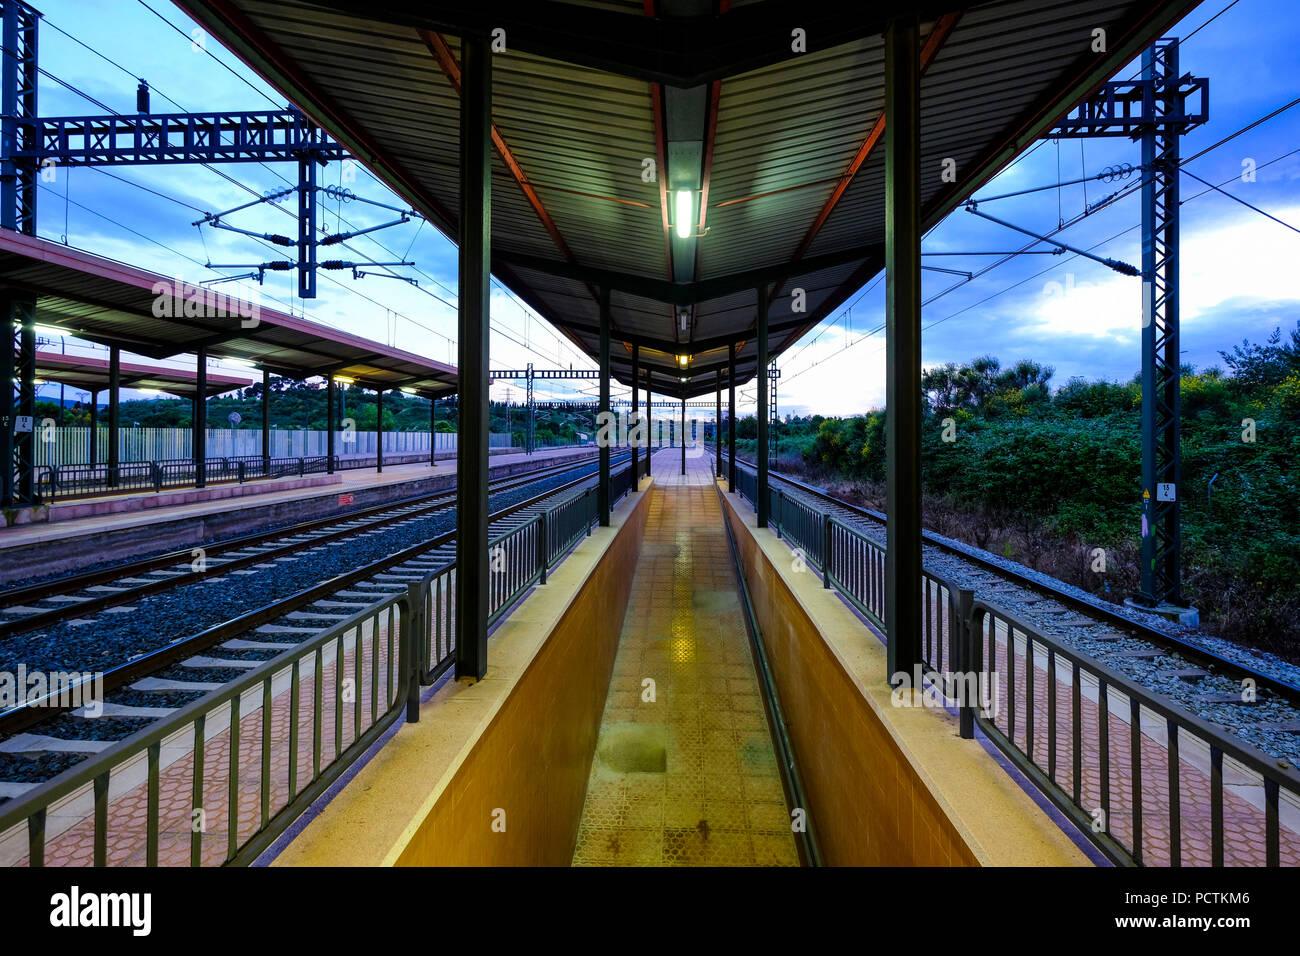 Bahnhof ohne Menschen bei Sonnenuntergang im Großraum von Barcelona in Katalonien, Spanien Stockbild